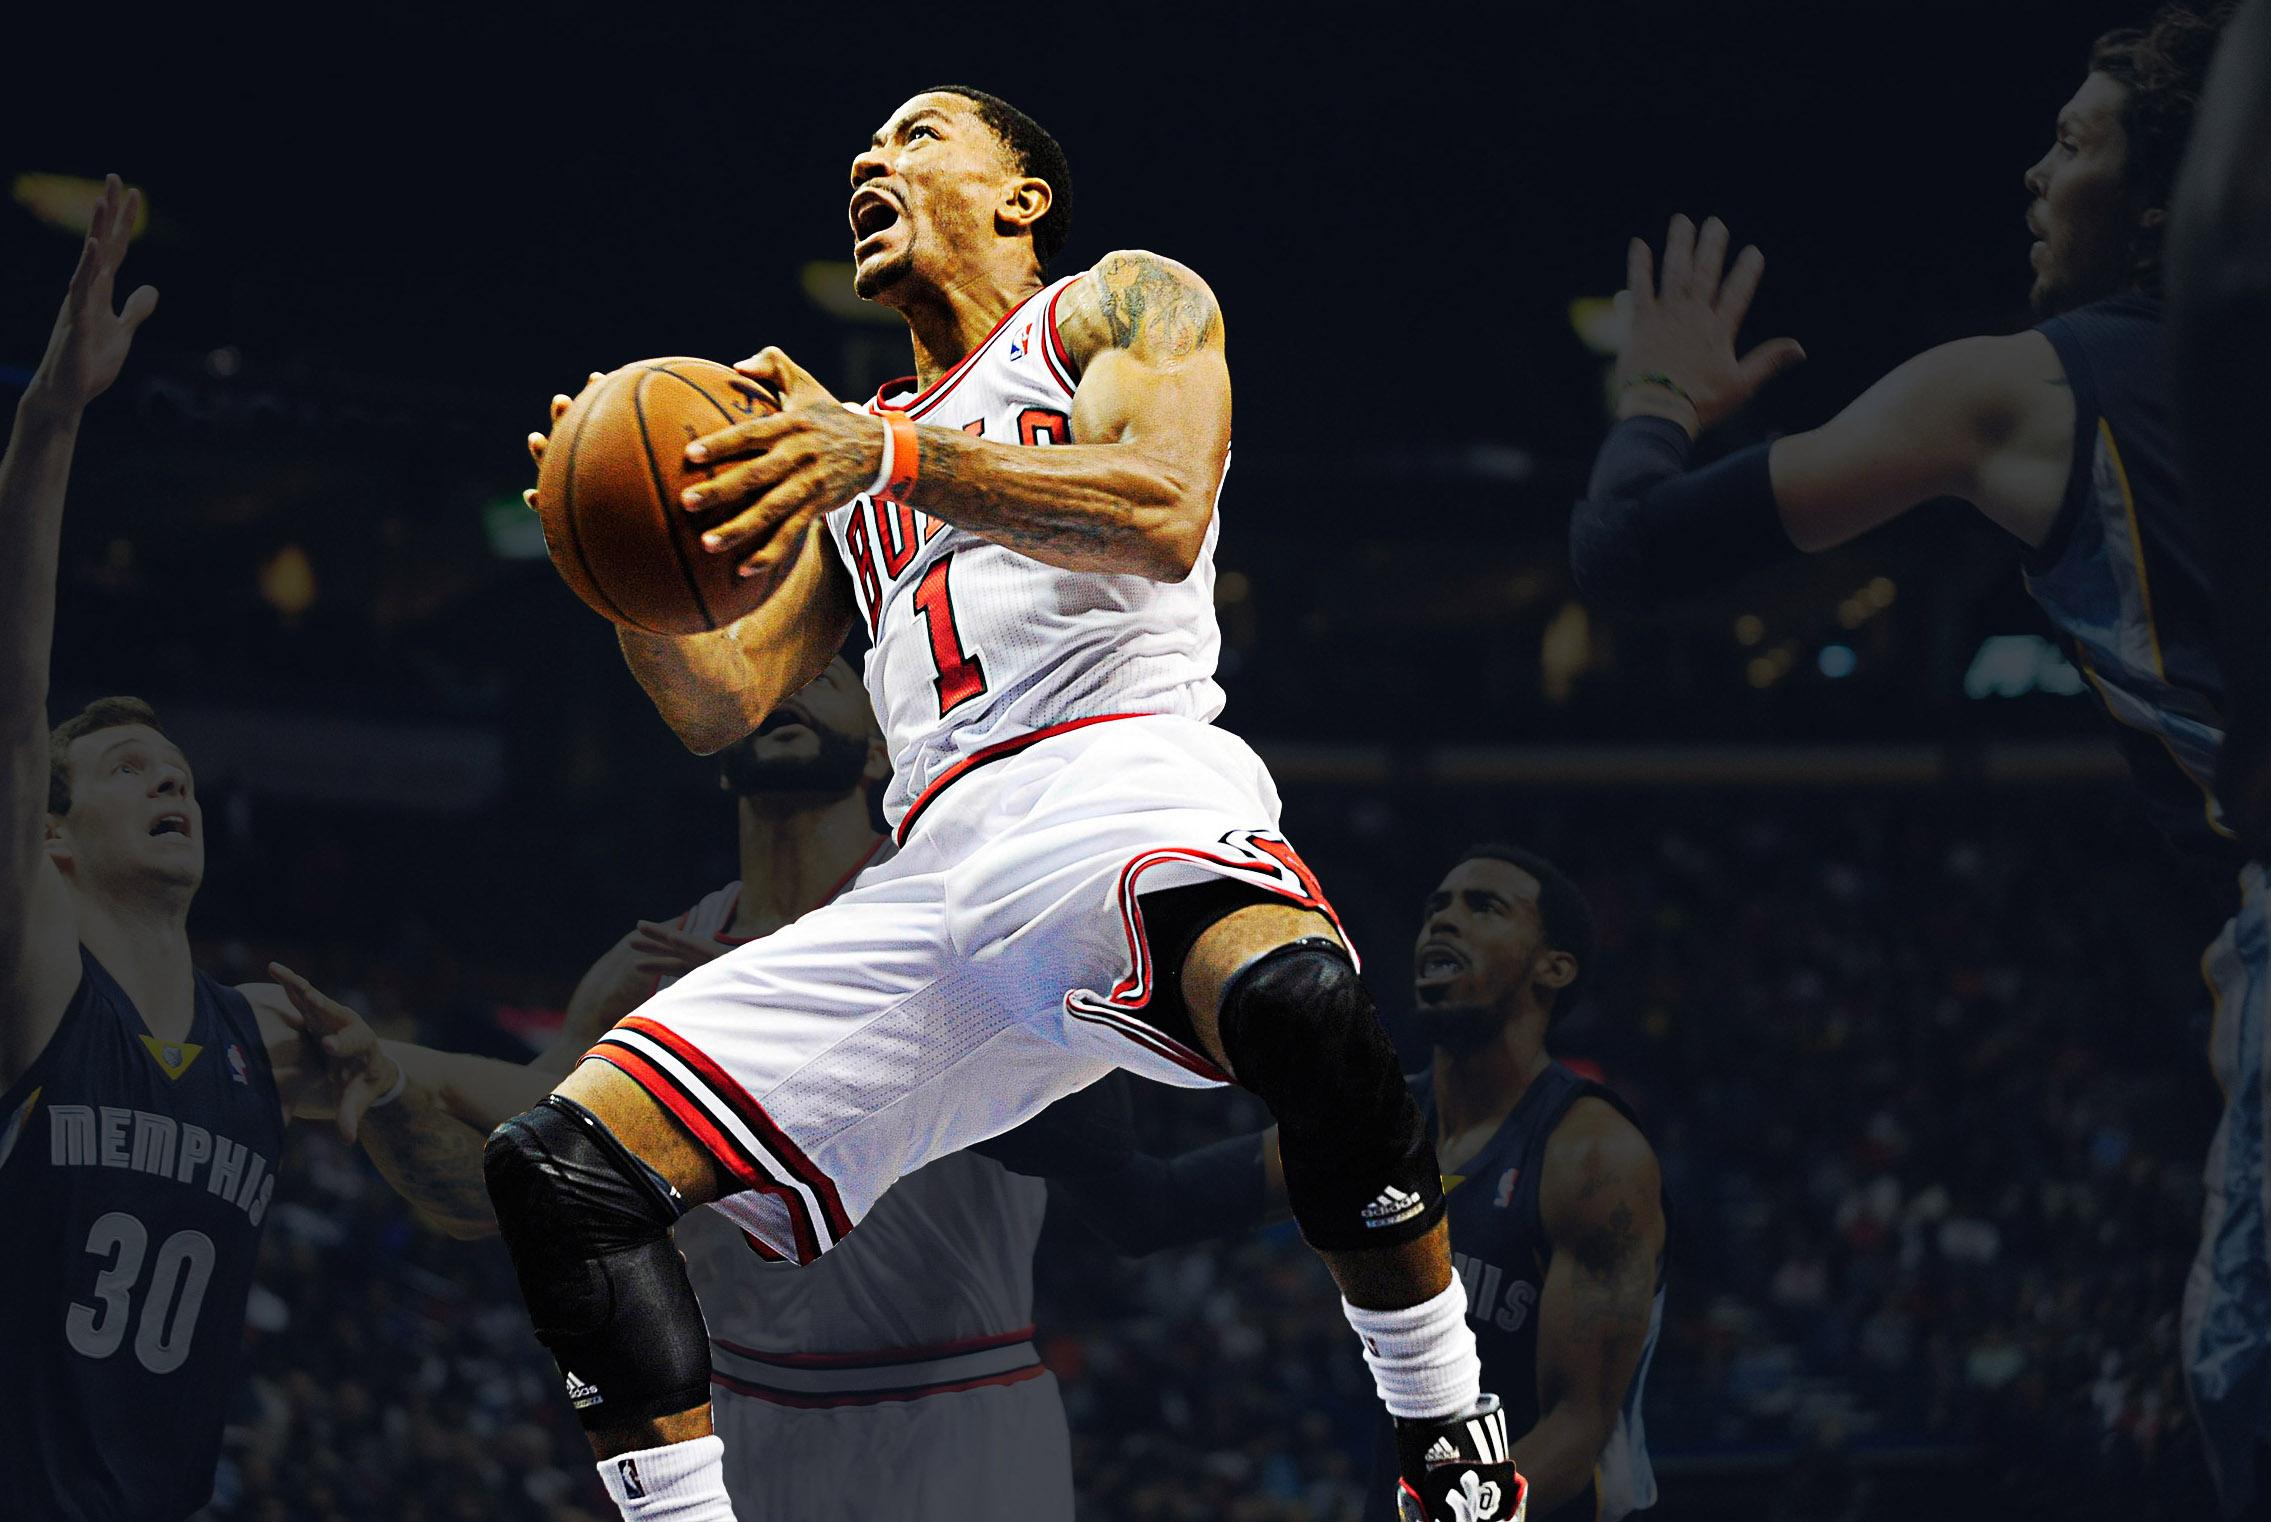 462d4b61bd3 2013-14 NBA Preview - SBNation.com